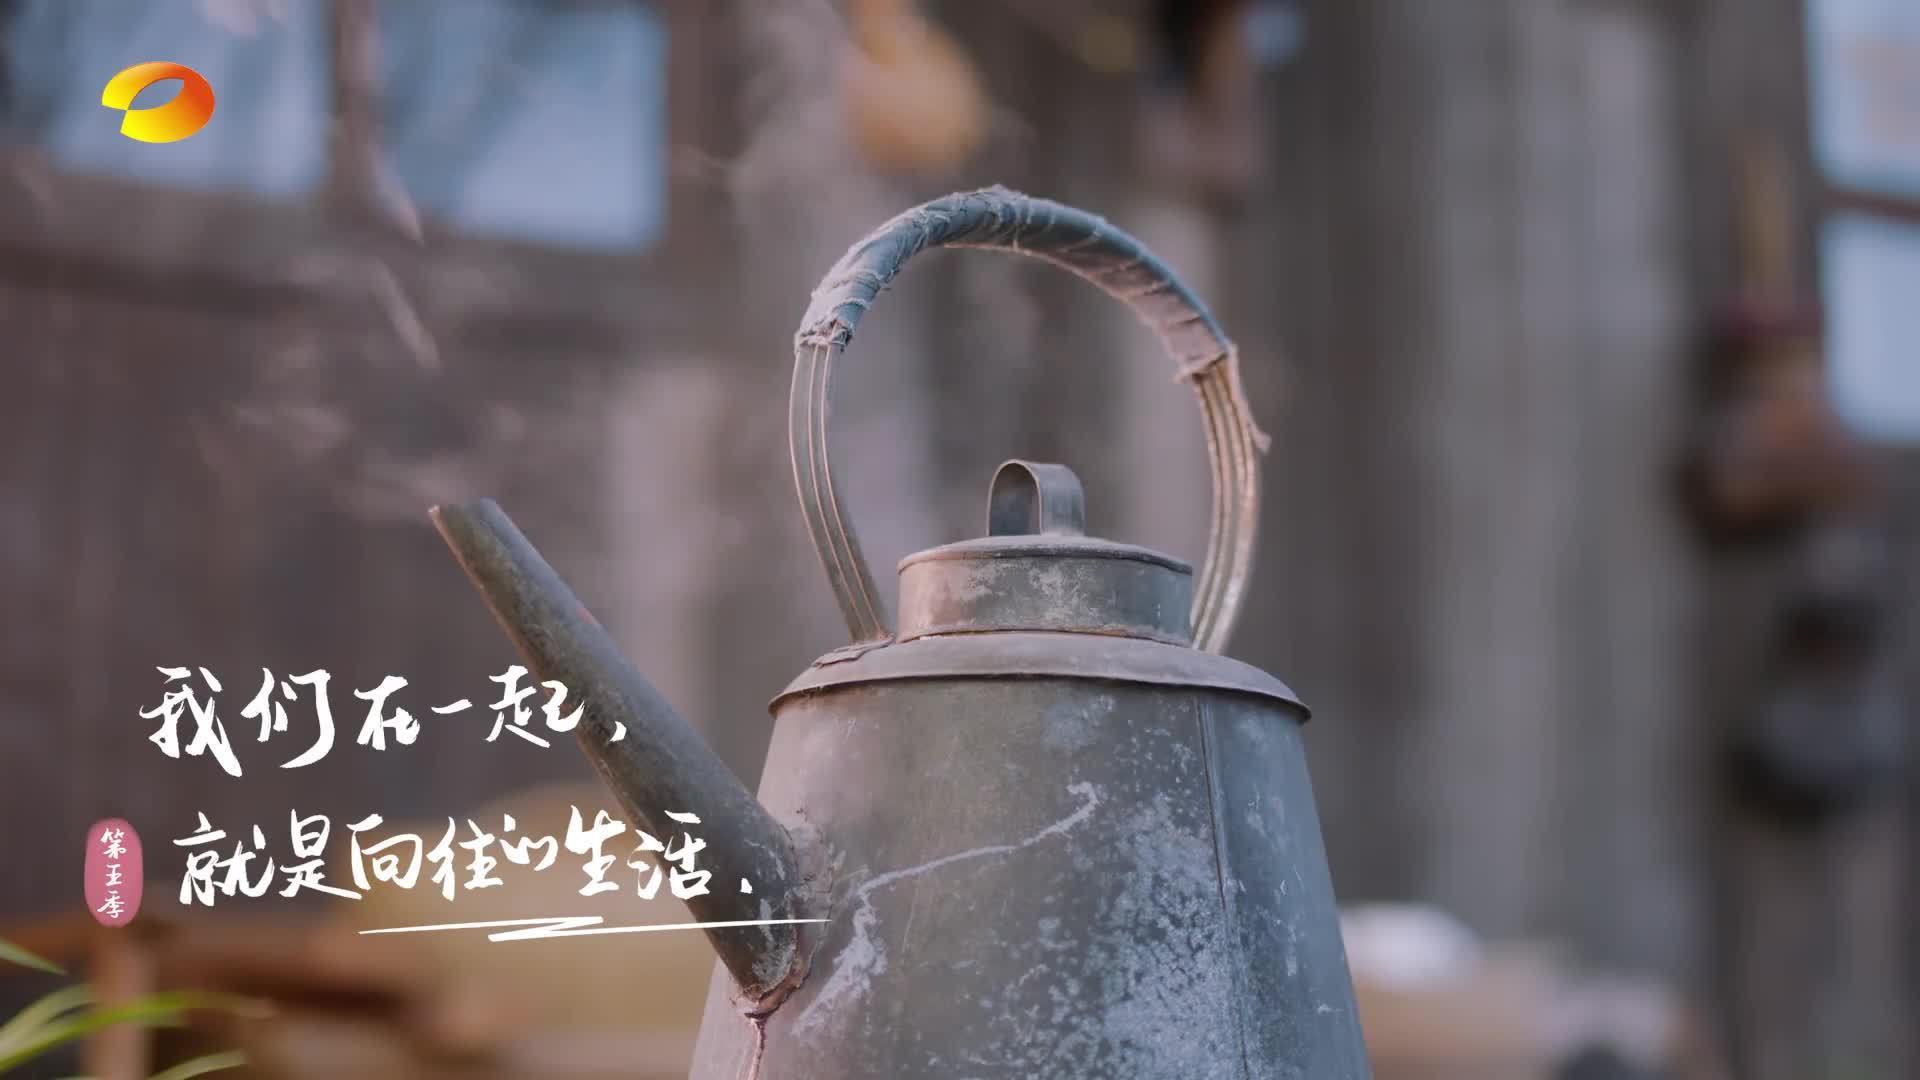 《向往的生活第五季》定档4月23,张艺兴加盟成常驻嘉宾